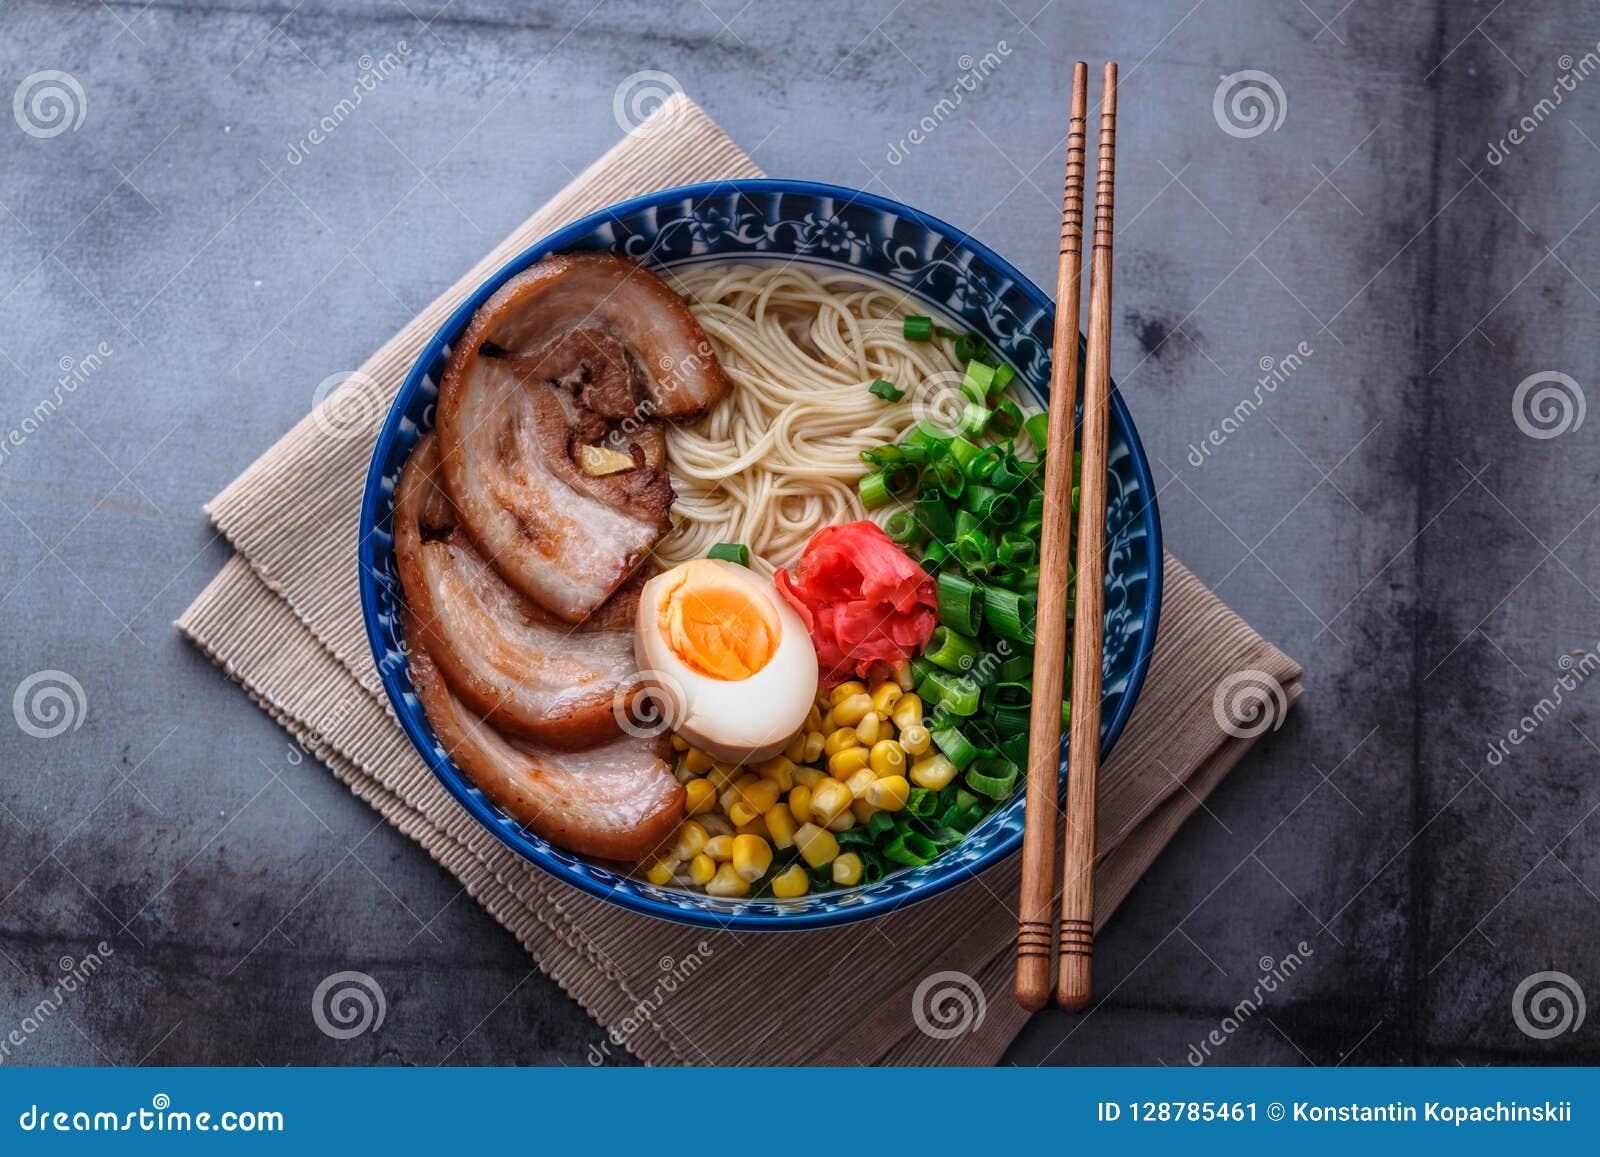 Delicious Tonkotsu Ramen, Pork Bone Broth Noodles, Copy